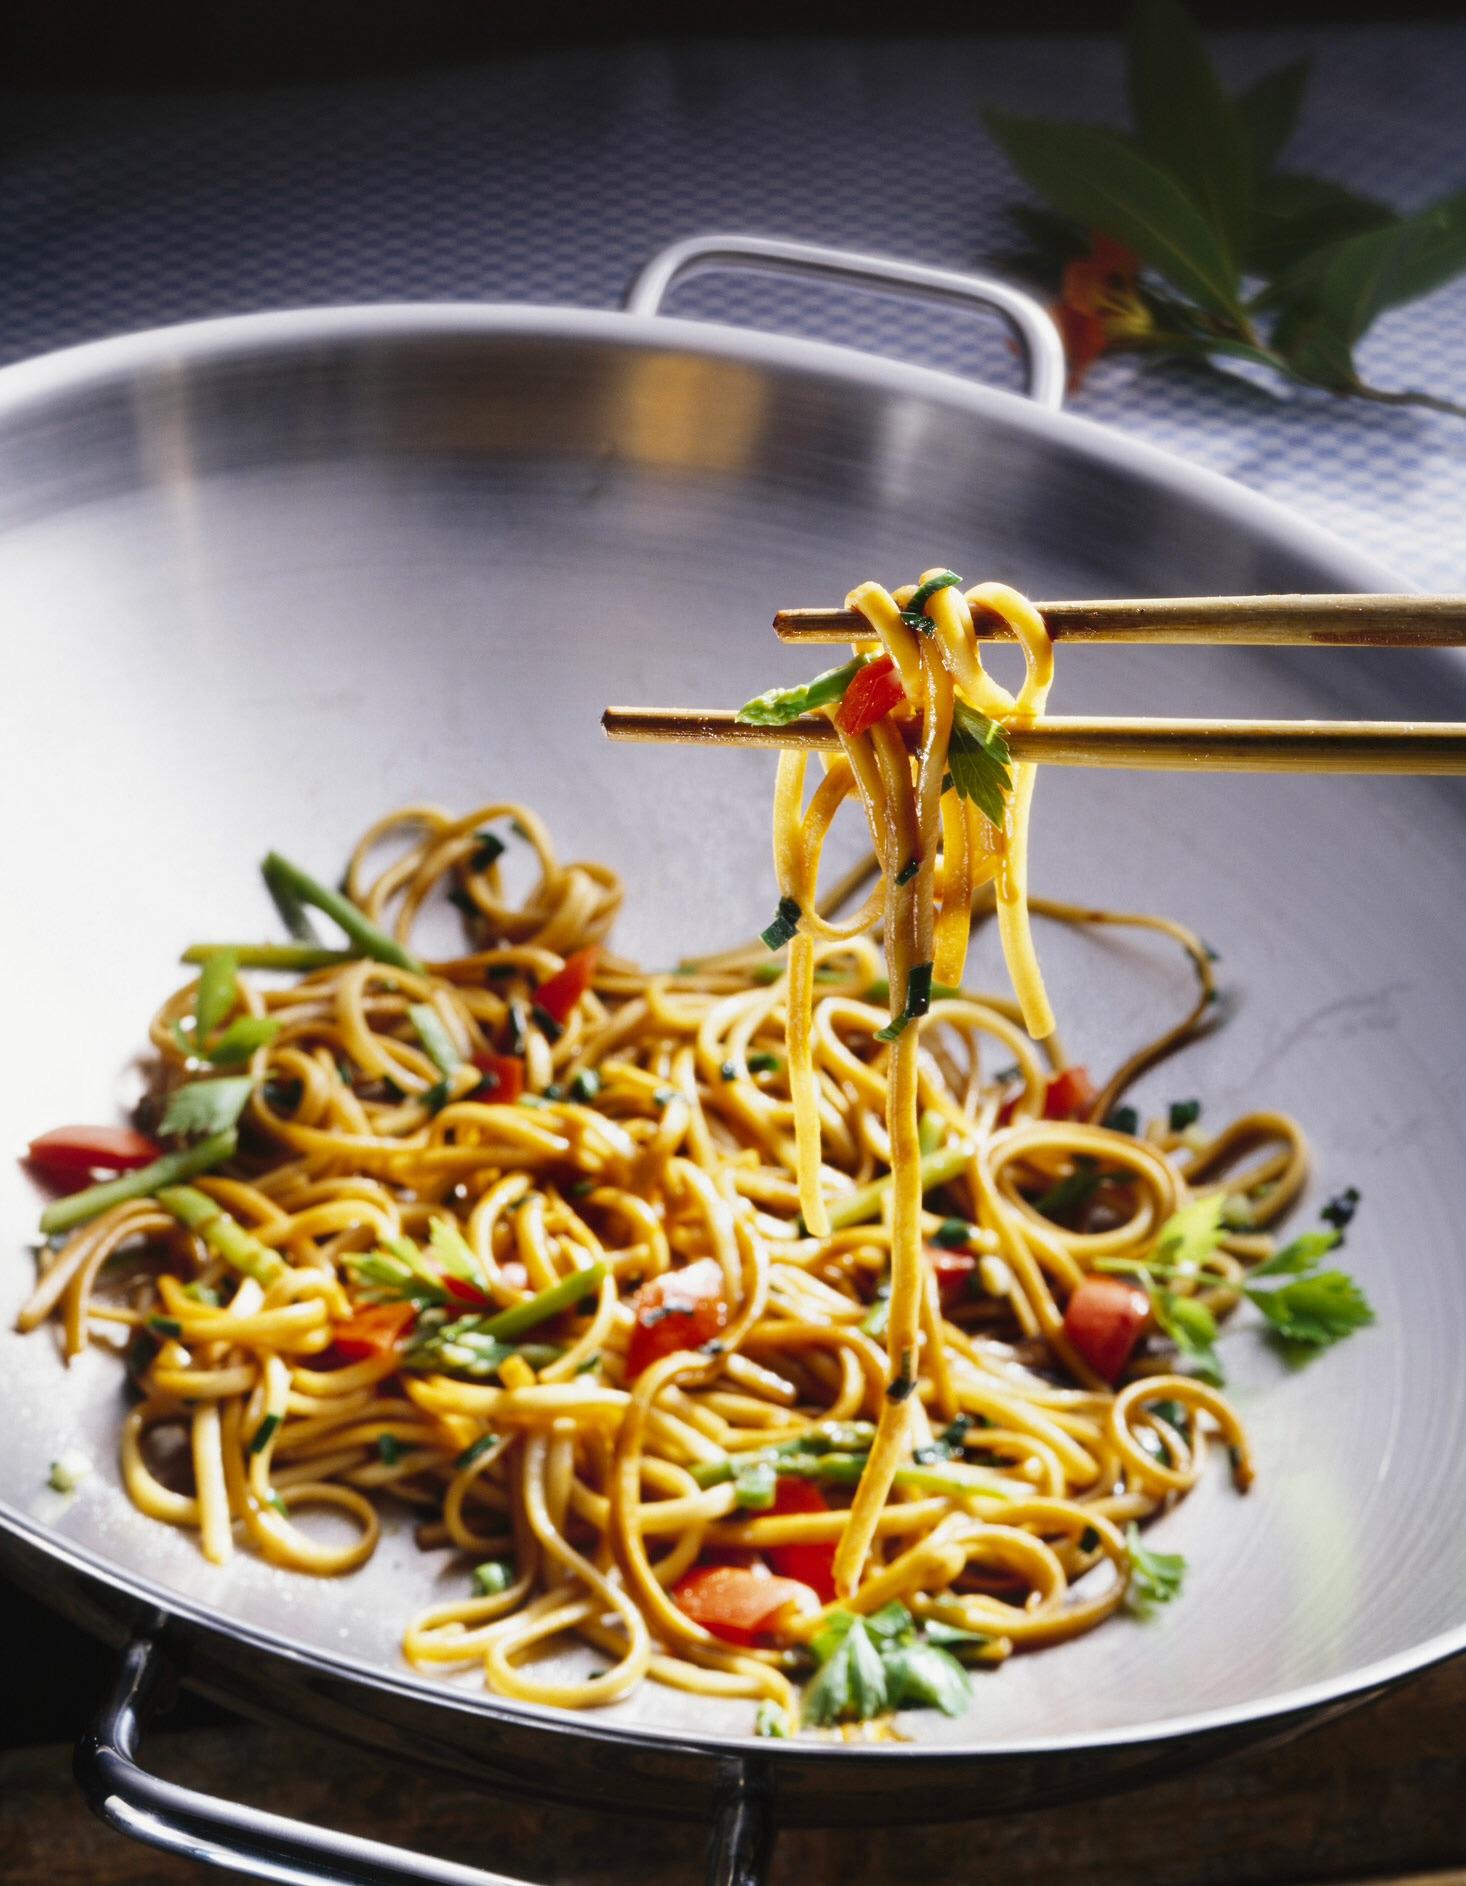 Il existe une meilleure fa on de cuire les p tes sans que vous perdez plus votre temps et votre - Cuisiner des pates chinoises ...